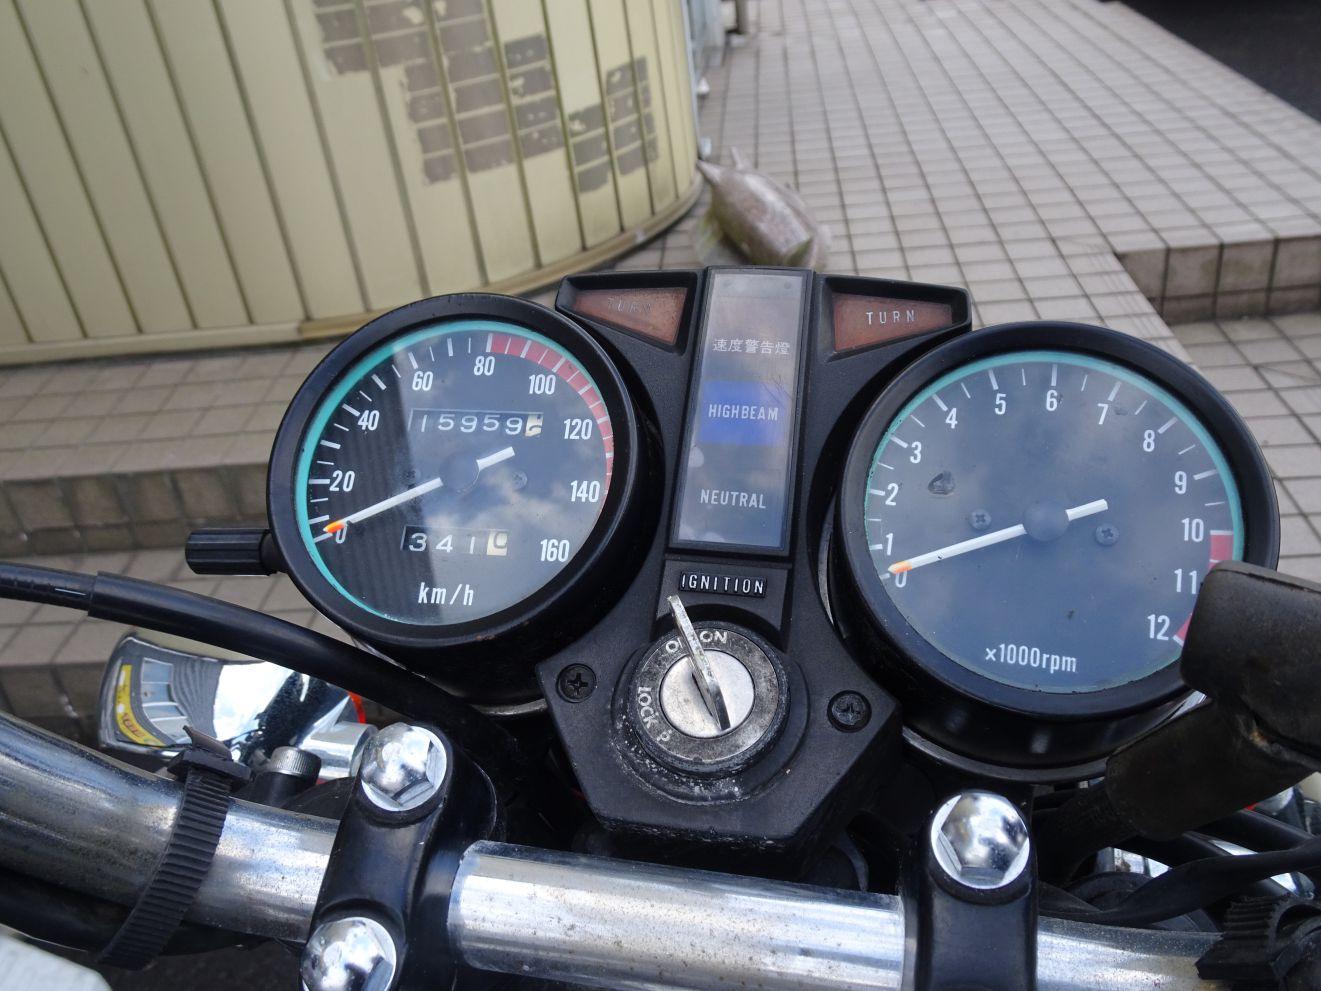 Z250FT